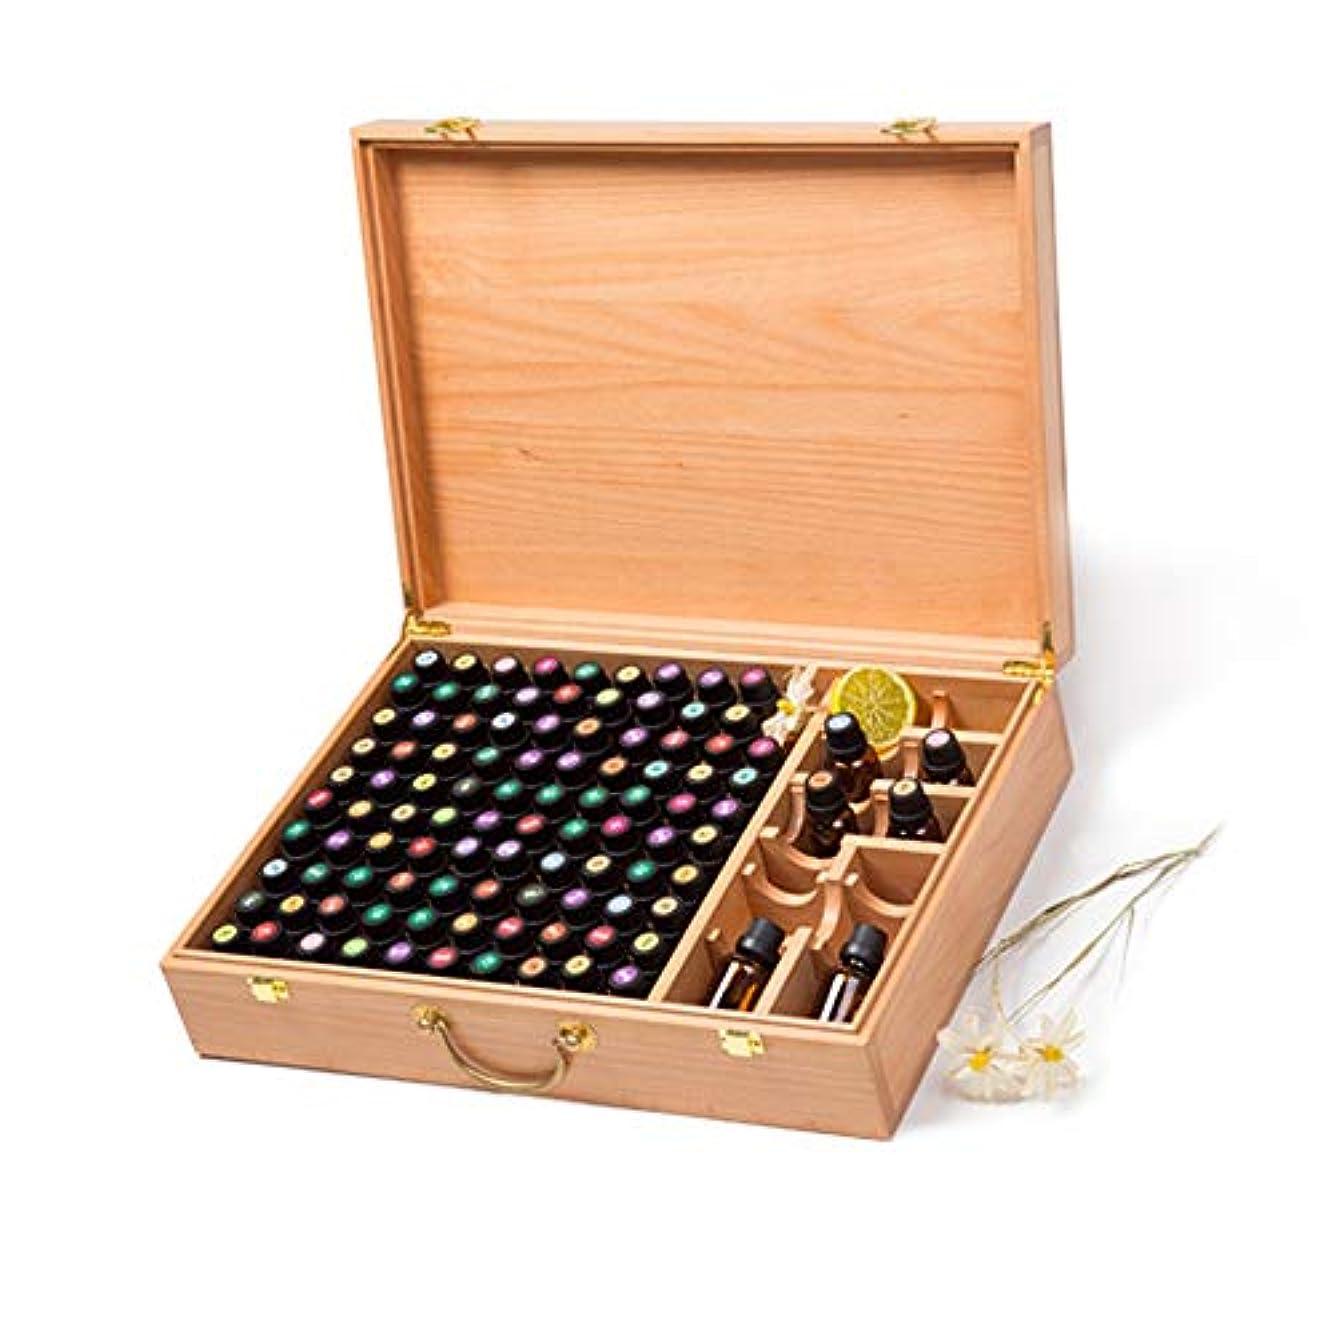 ピッチベッツィトロットウッドプリーツエッセンシャルオイルの保管 ハンドルパーフェクトエッセンシャルオイルのケースでは手作りの木製エッセンシャルオイルストレージボックスは100の油のボトルを保持します (色 : Natural, サイズ : 44X31.5X10.5CM)